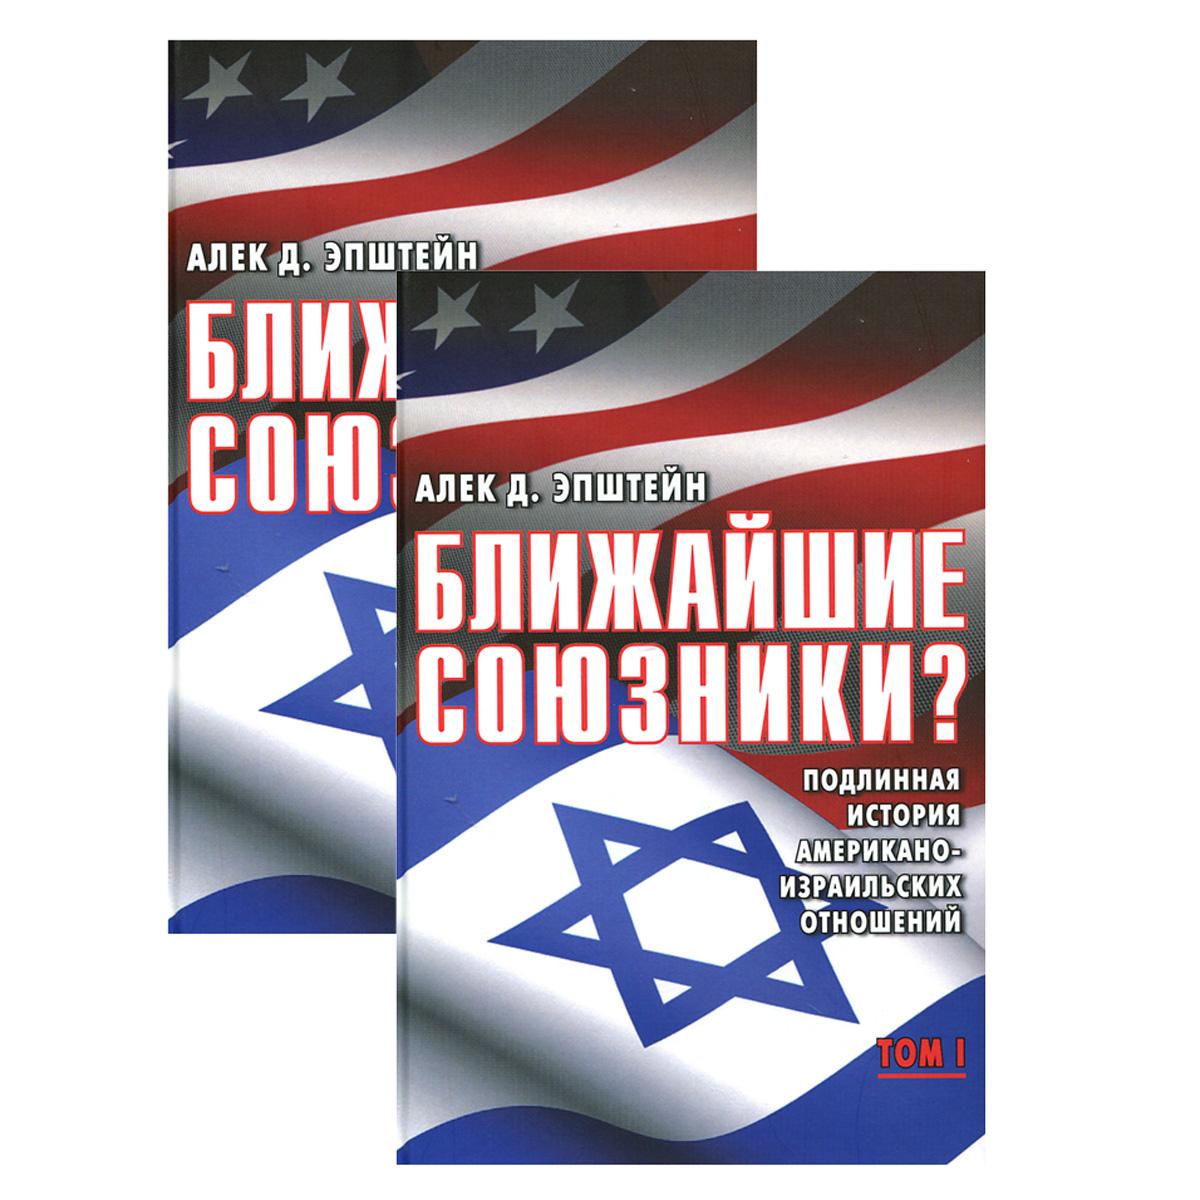 Алек Д. Эпштейн Ближайшие союзники? Подлинная история американо-израильских отношений (комплект из 2 книг)